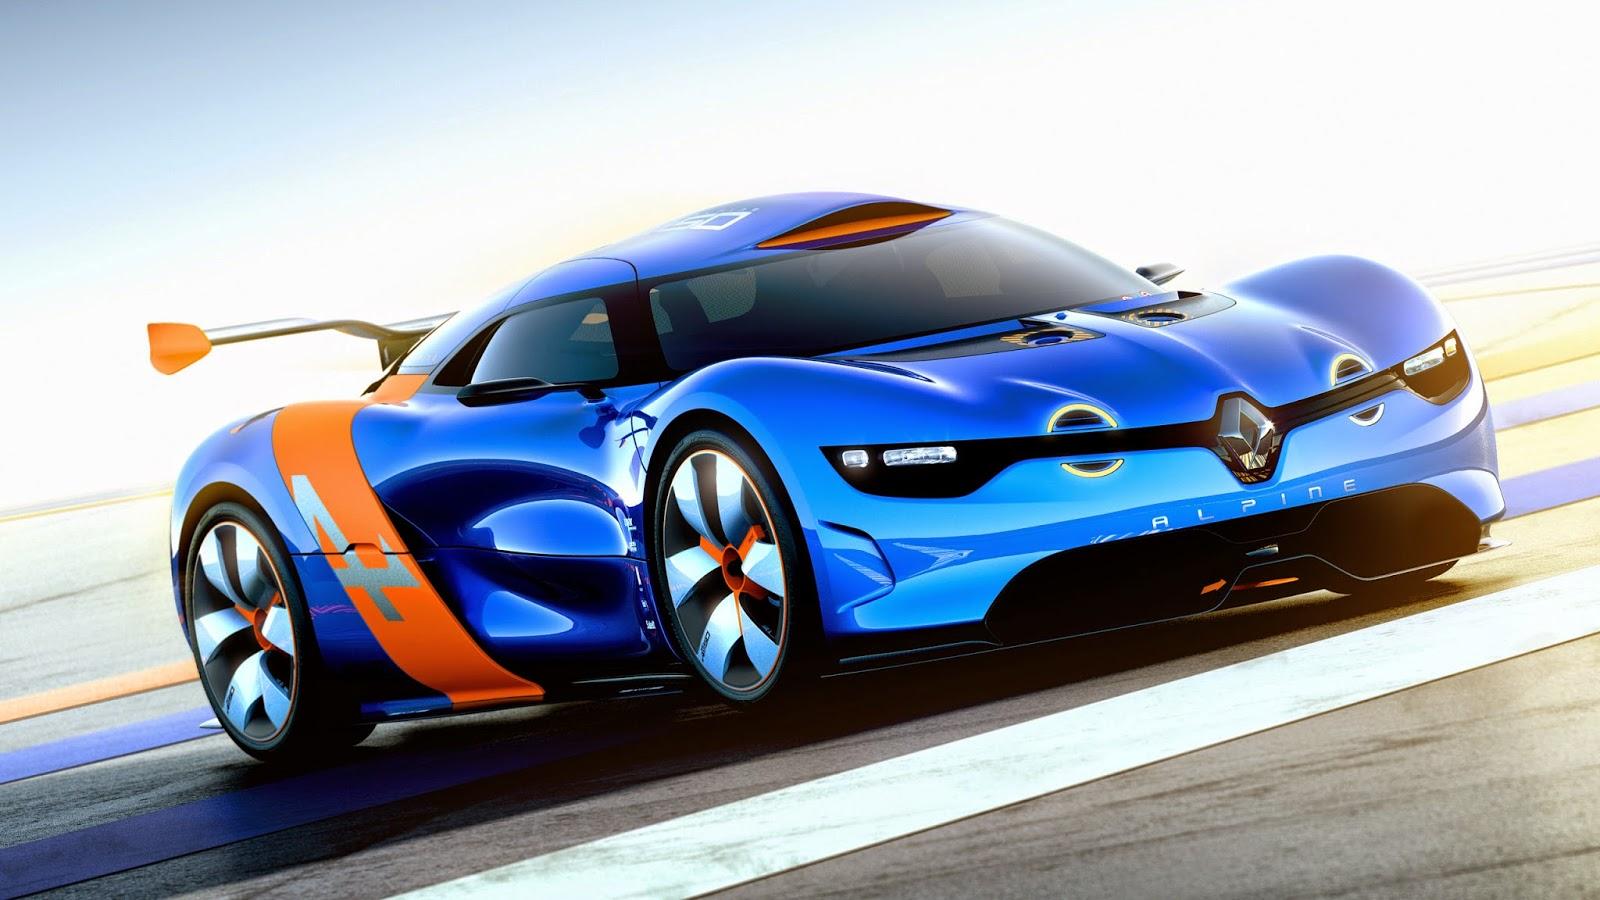 Foto Mobil Balap Renault Terbaru